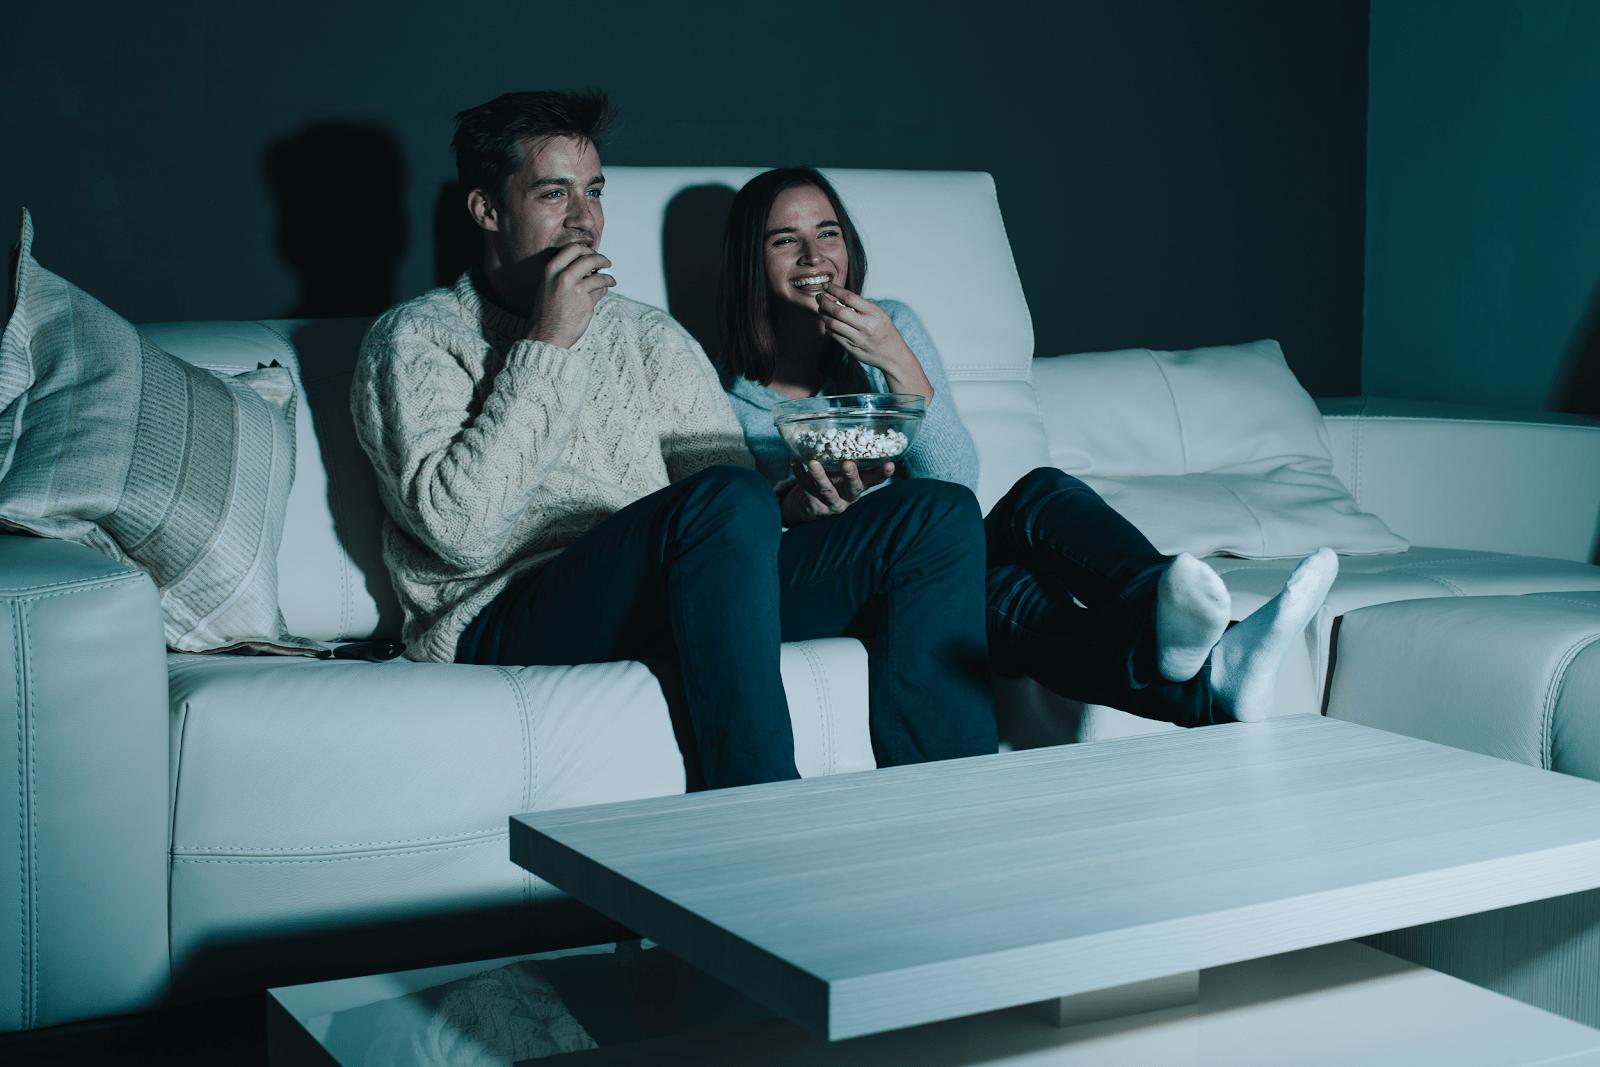 Một buổi tối lãng mạn cùng nàng xem phim tình cảm